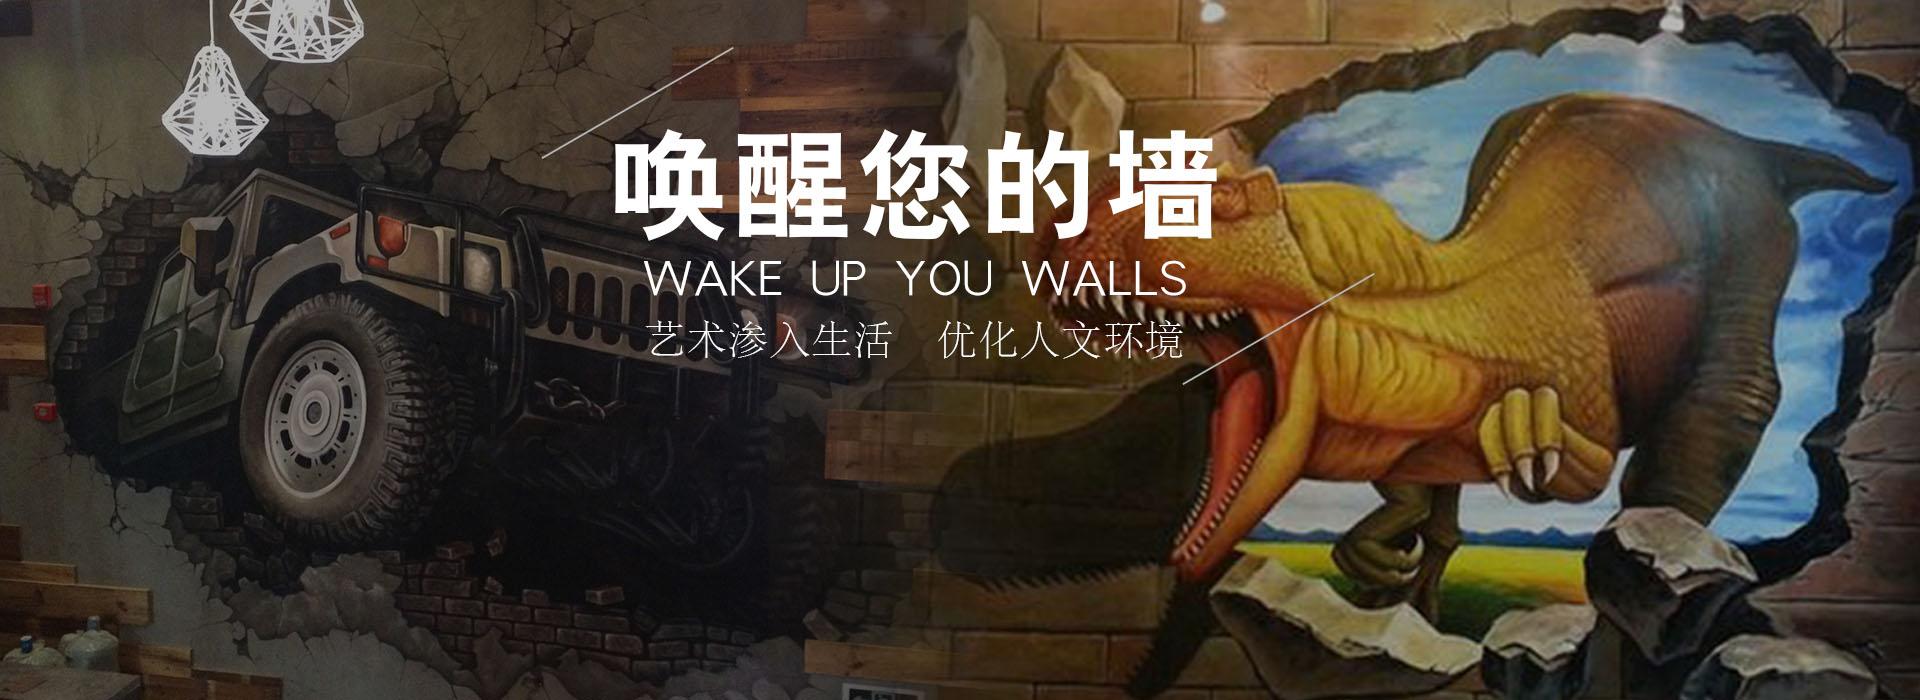 武汉墙绘该怎么画?一点心得分享